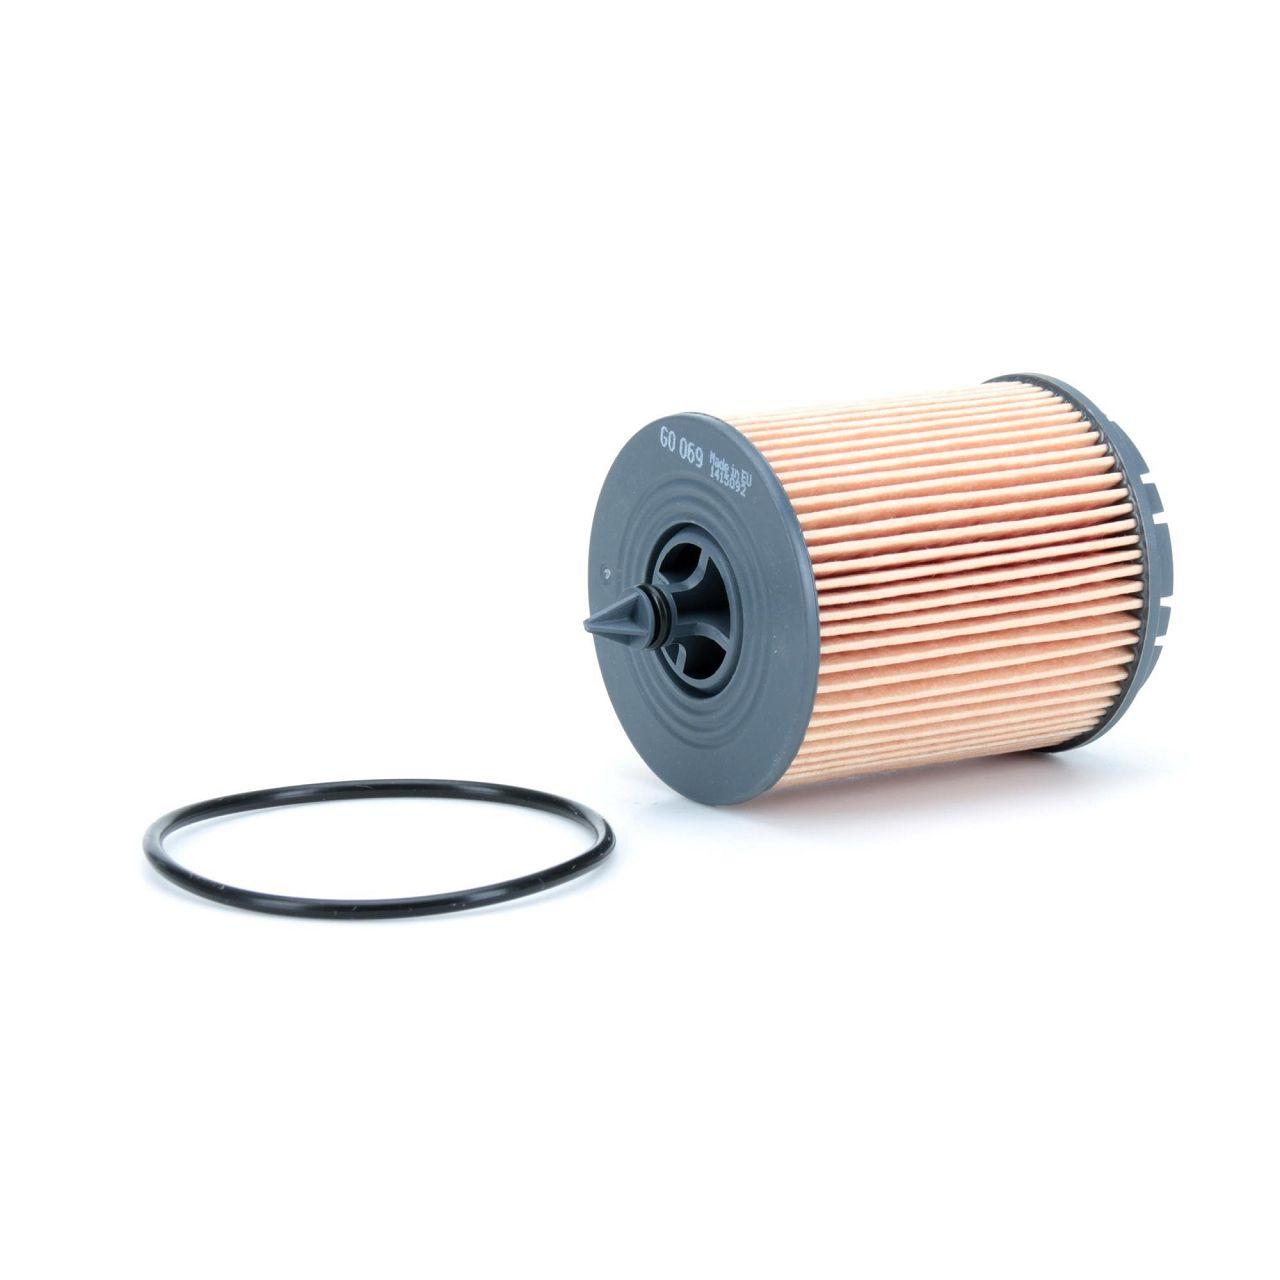 Inspektionskit Filterpaket BEHR für OPEL Astra G Zafira A 2.2 16V 147 PS